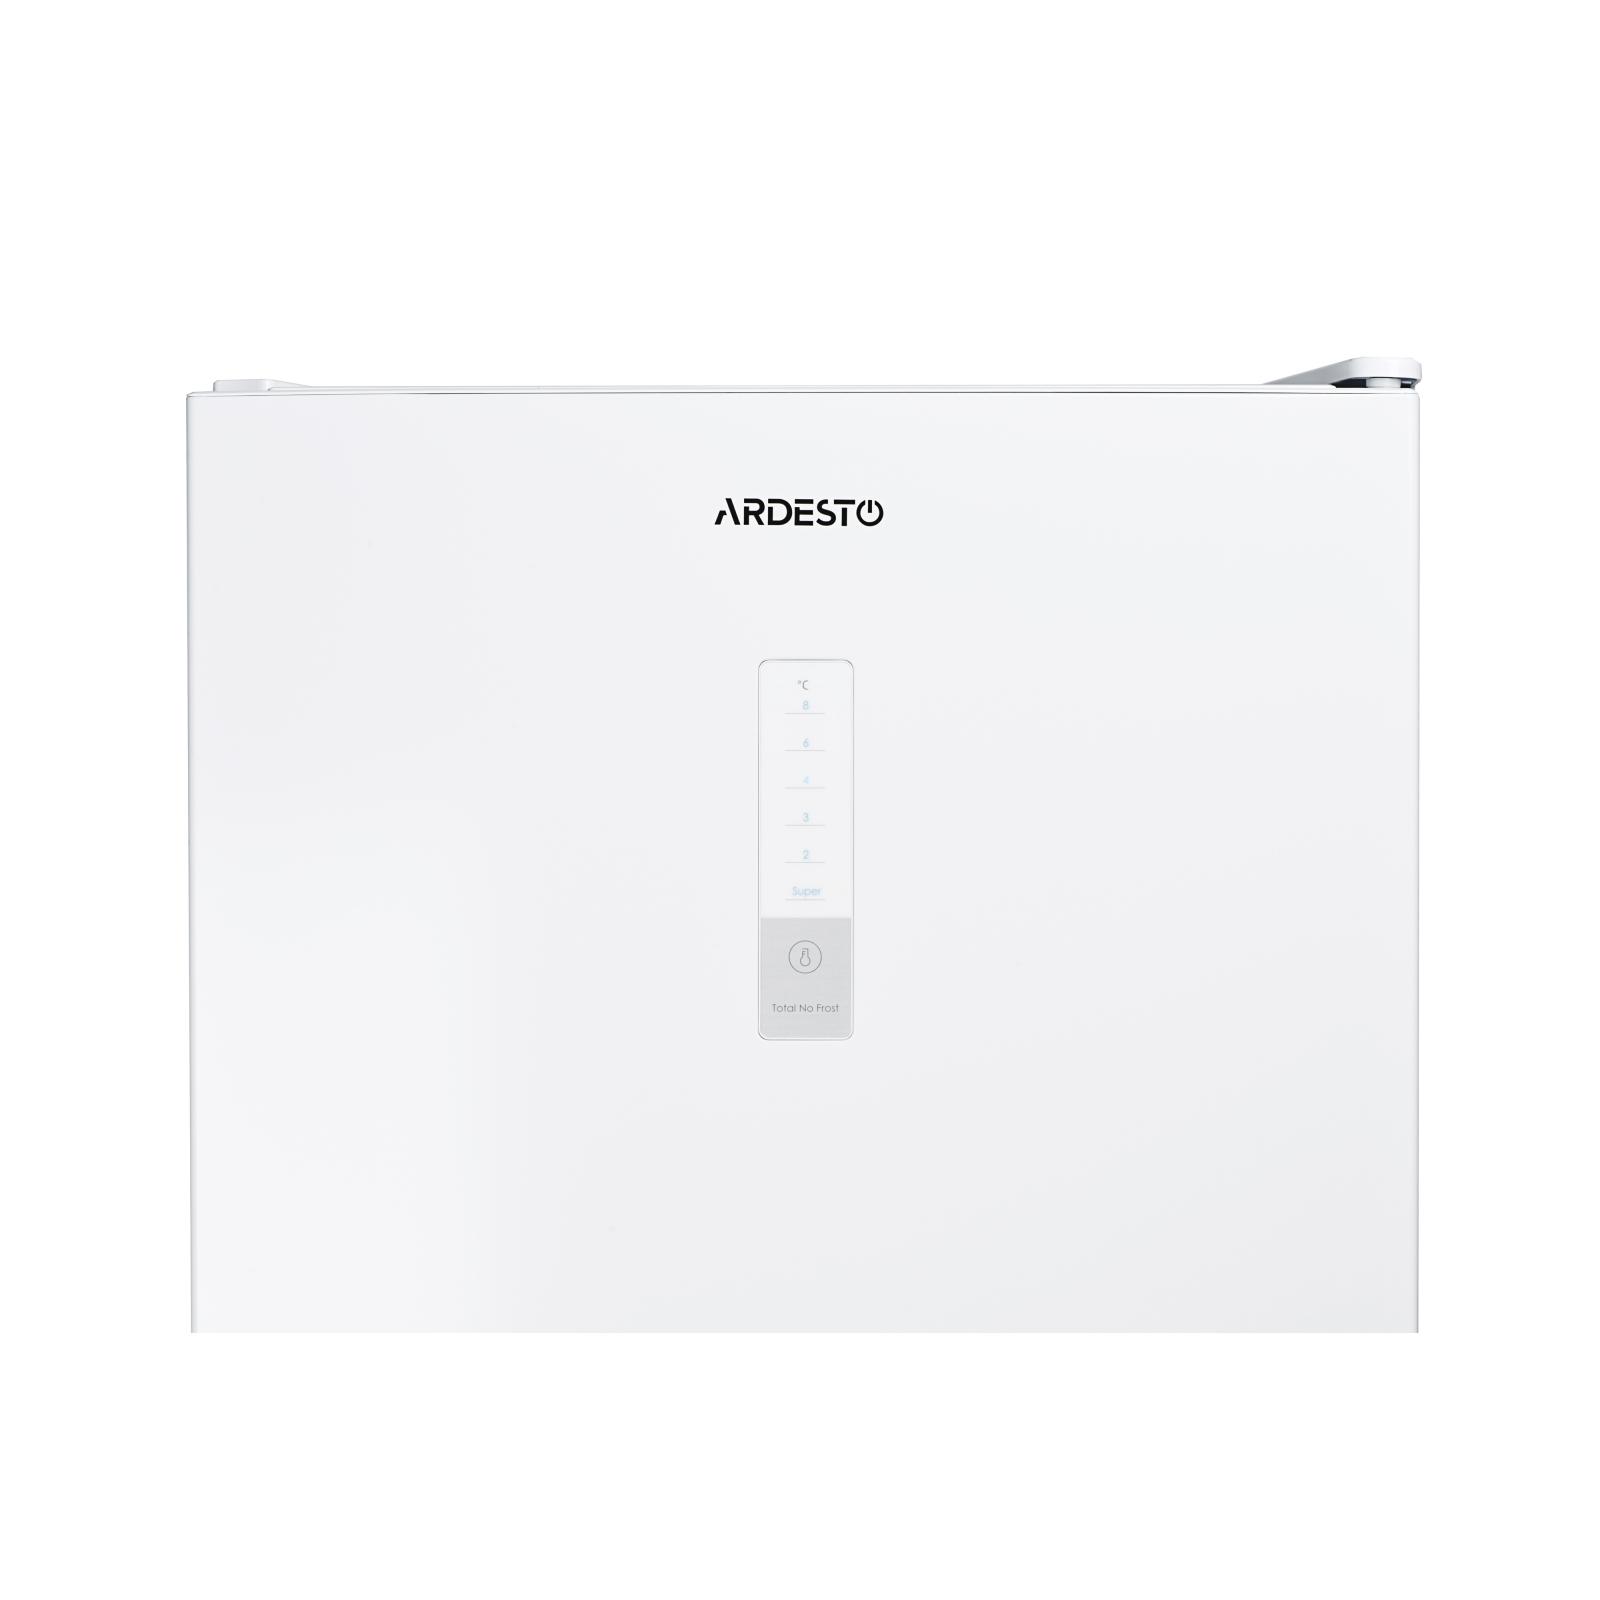 Холодильник Ardesto DNF-M326W200 зображення 3